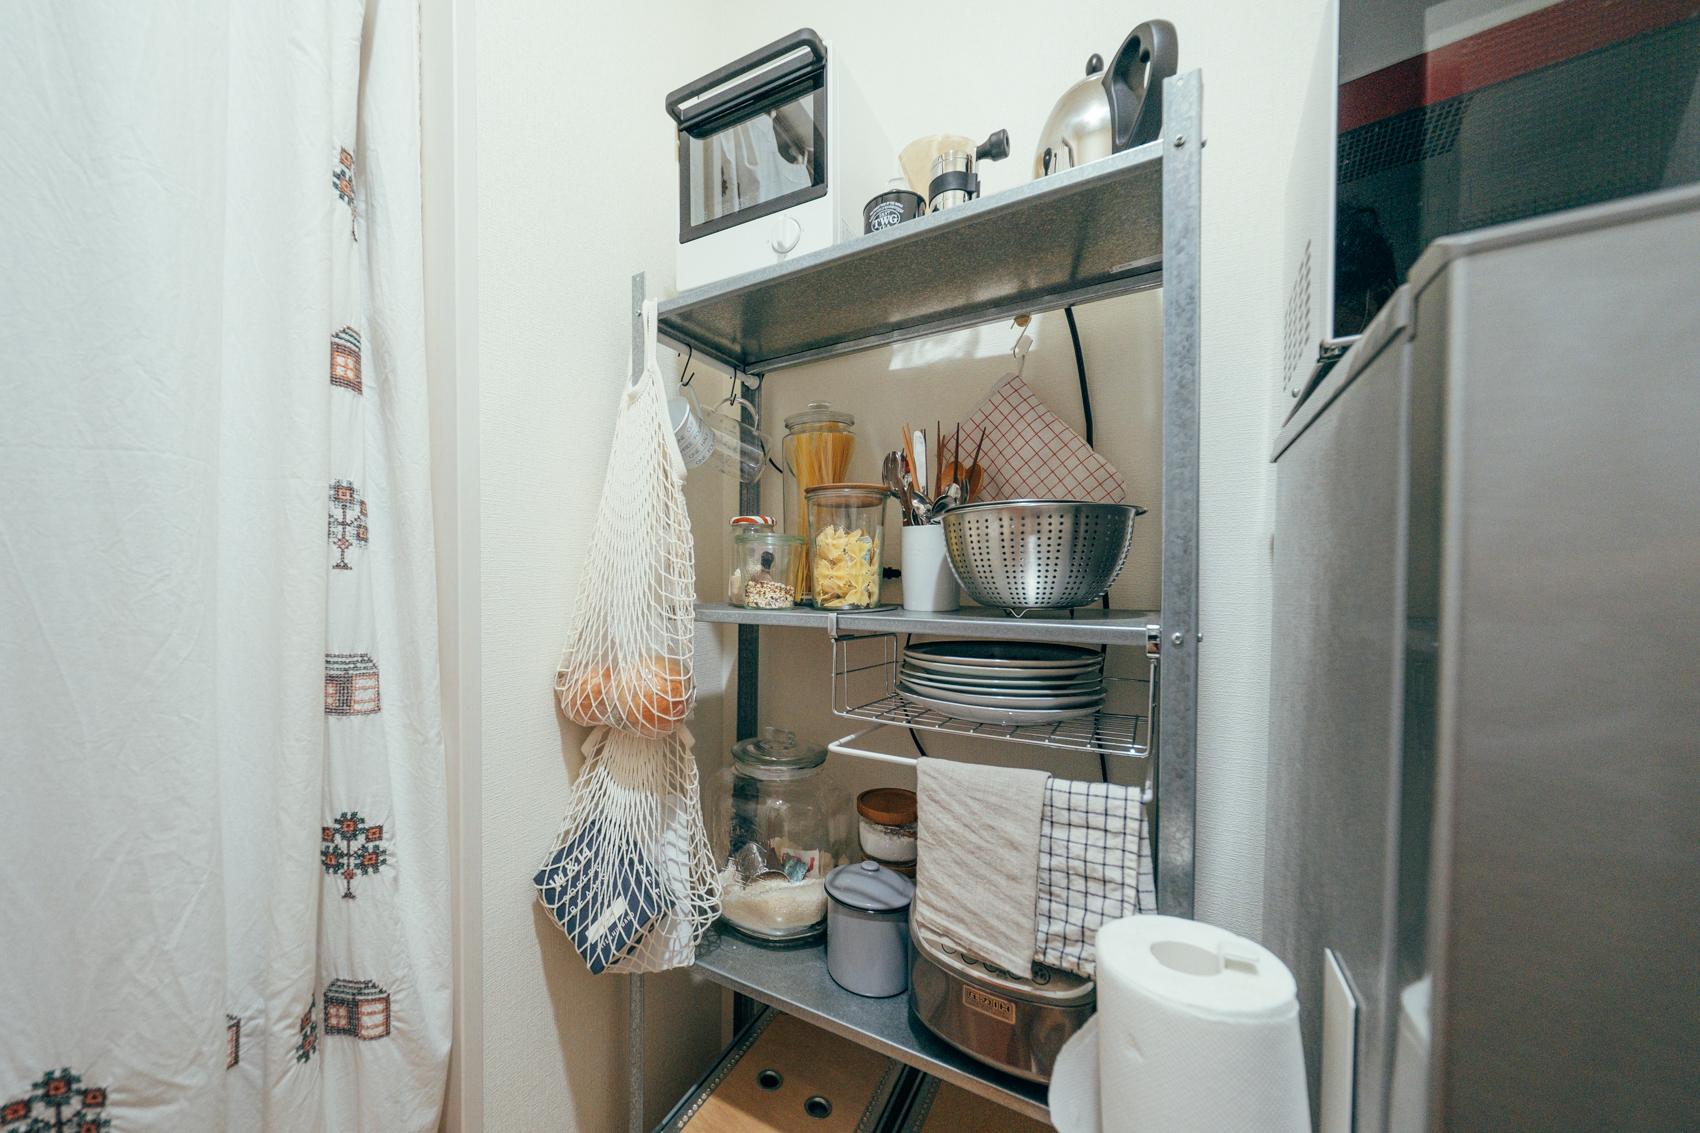 キッチンの食器棚はIKEAで購入したものです。ものを増やすより、使いやすい量で、キッチン用品もあまり字面が多いものは好きでなくて、機能として最低限しっかり使えるものを選んでいます。